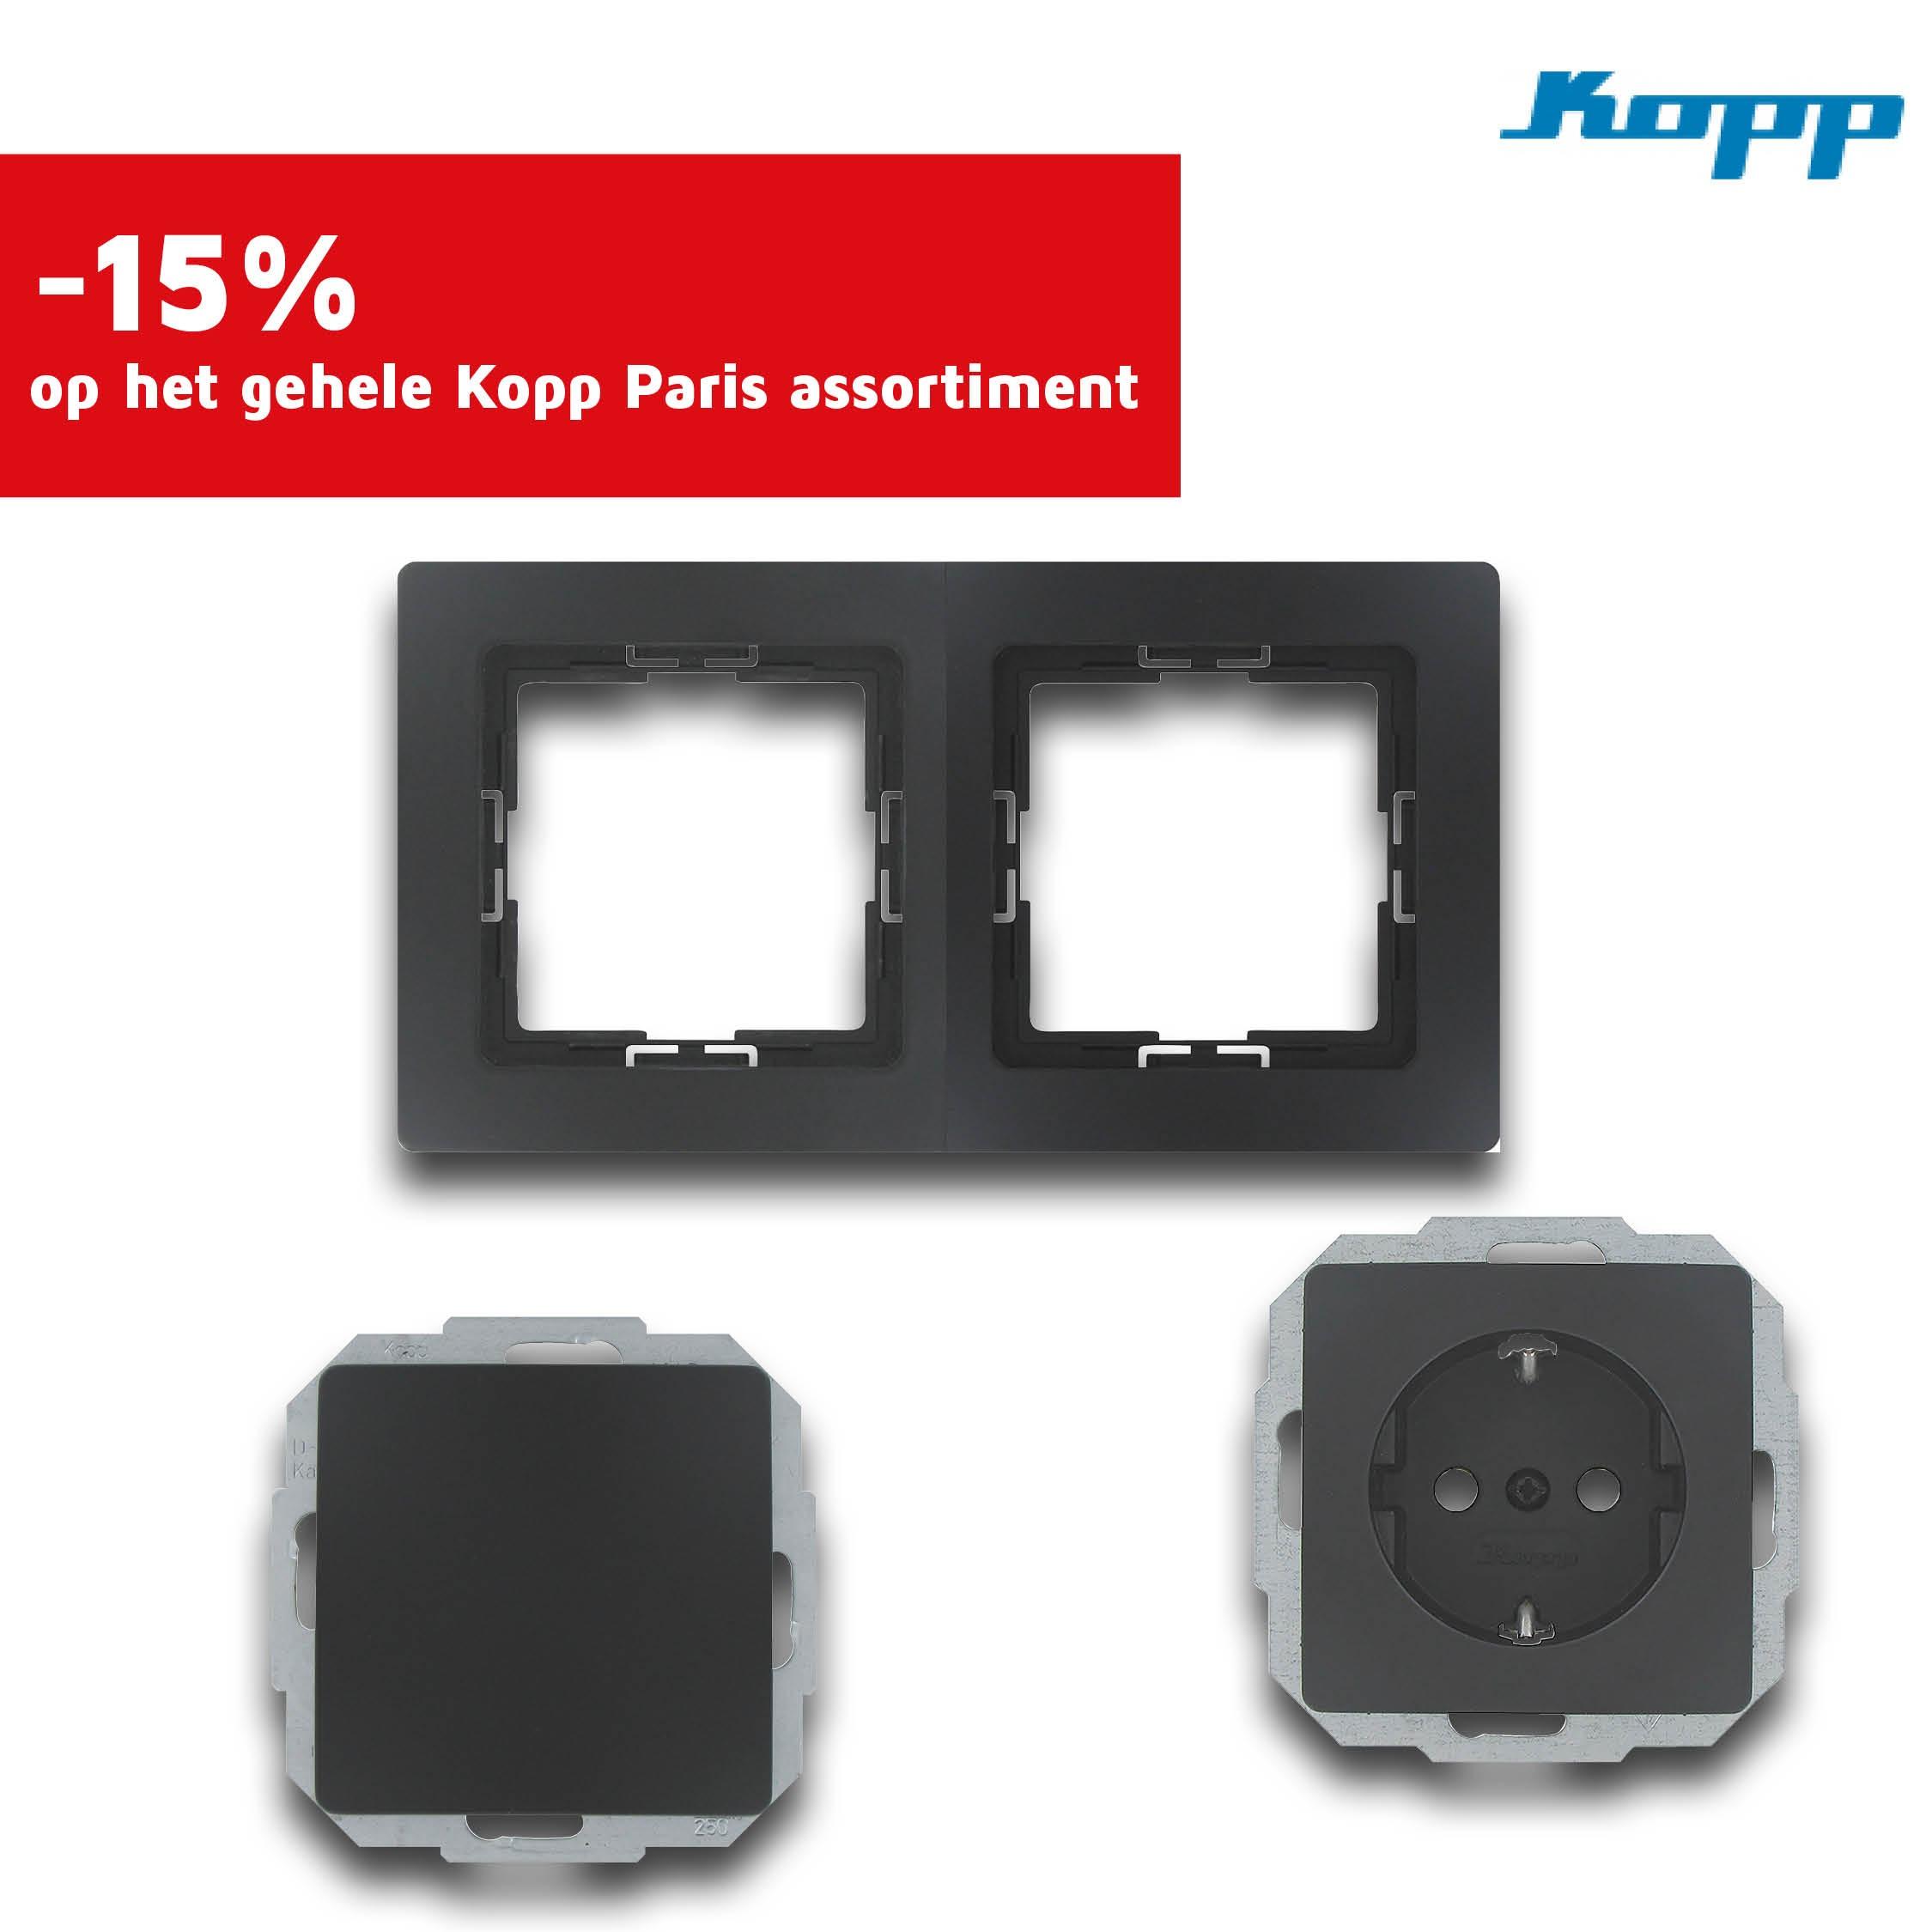 Cat72 P3 - Kopp Paris deal Product nr.17059 17033 17043